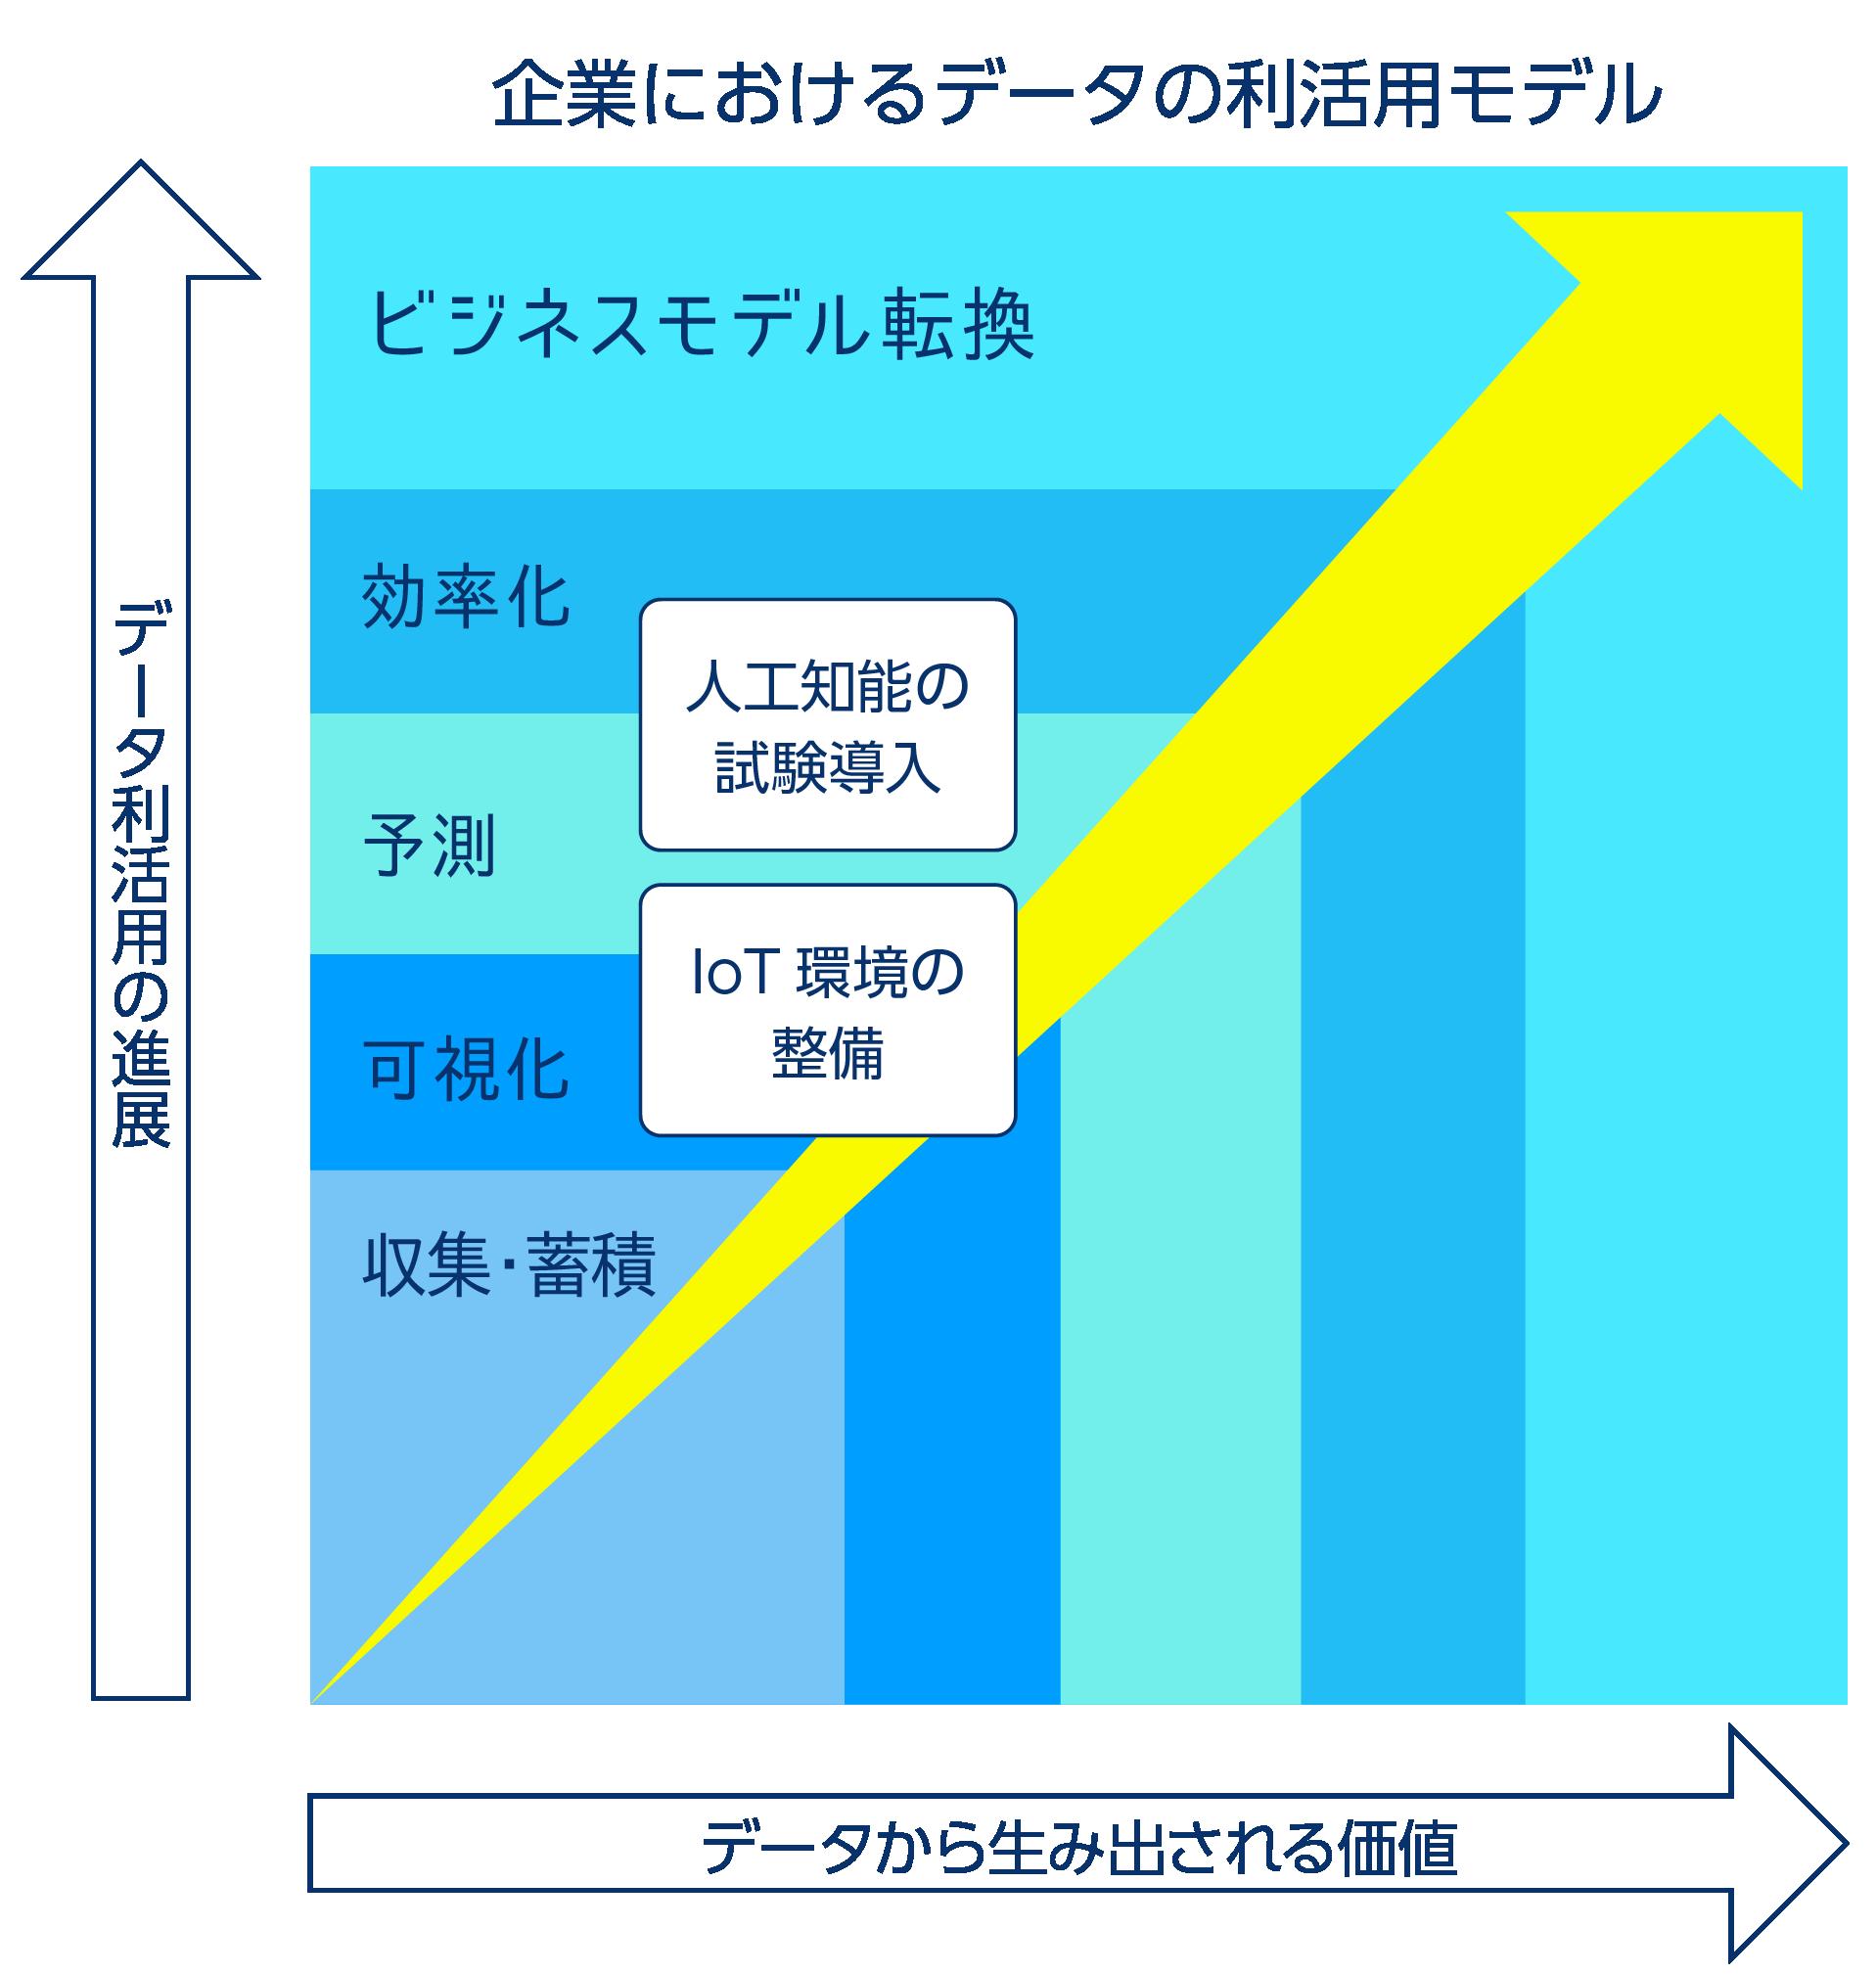 オーダーメイドソリューションの図⽰化